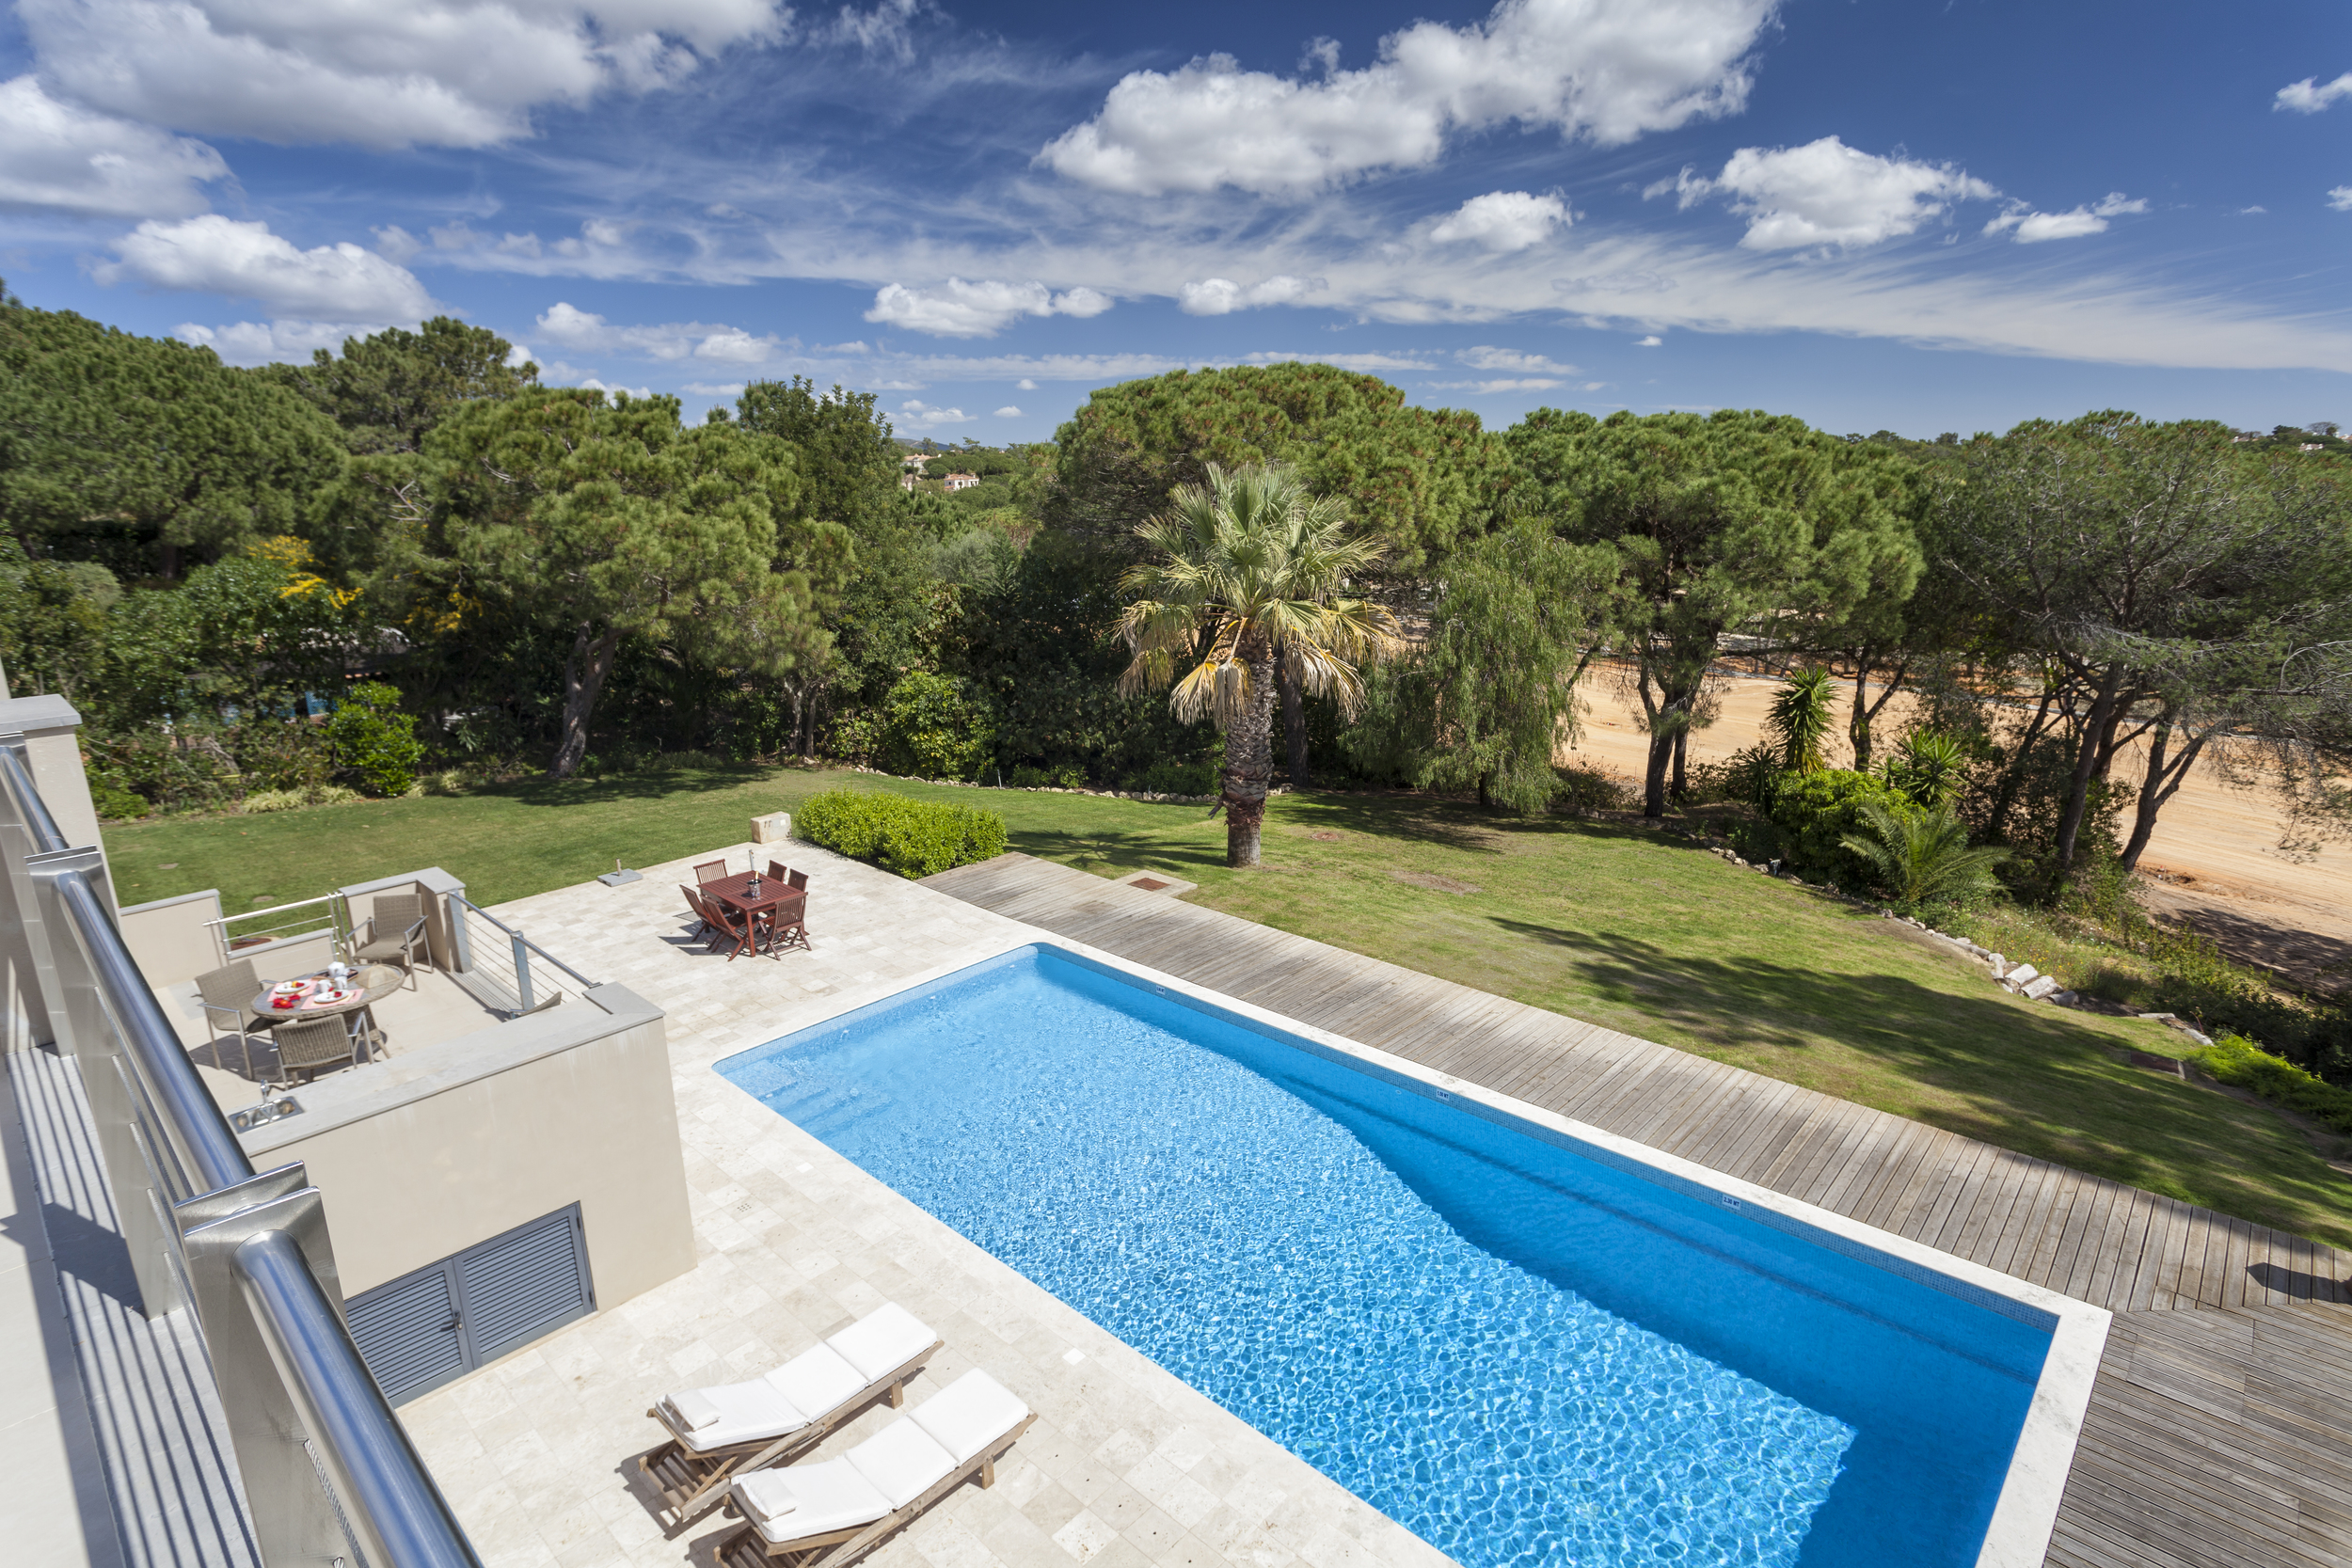 4 bedroom villa to rent in Quinta do Lago, RLV, Villa Serpentine,18.jpg